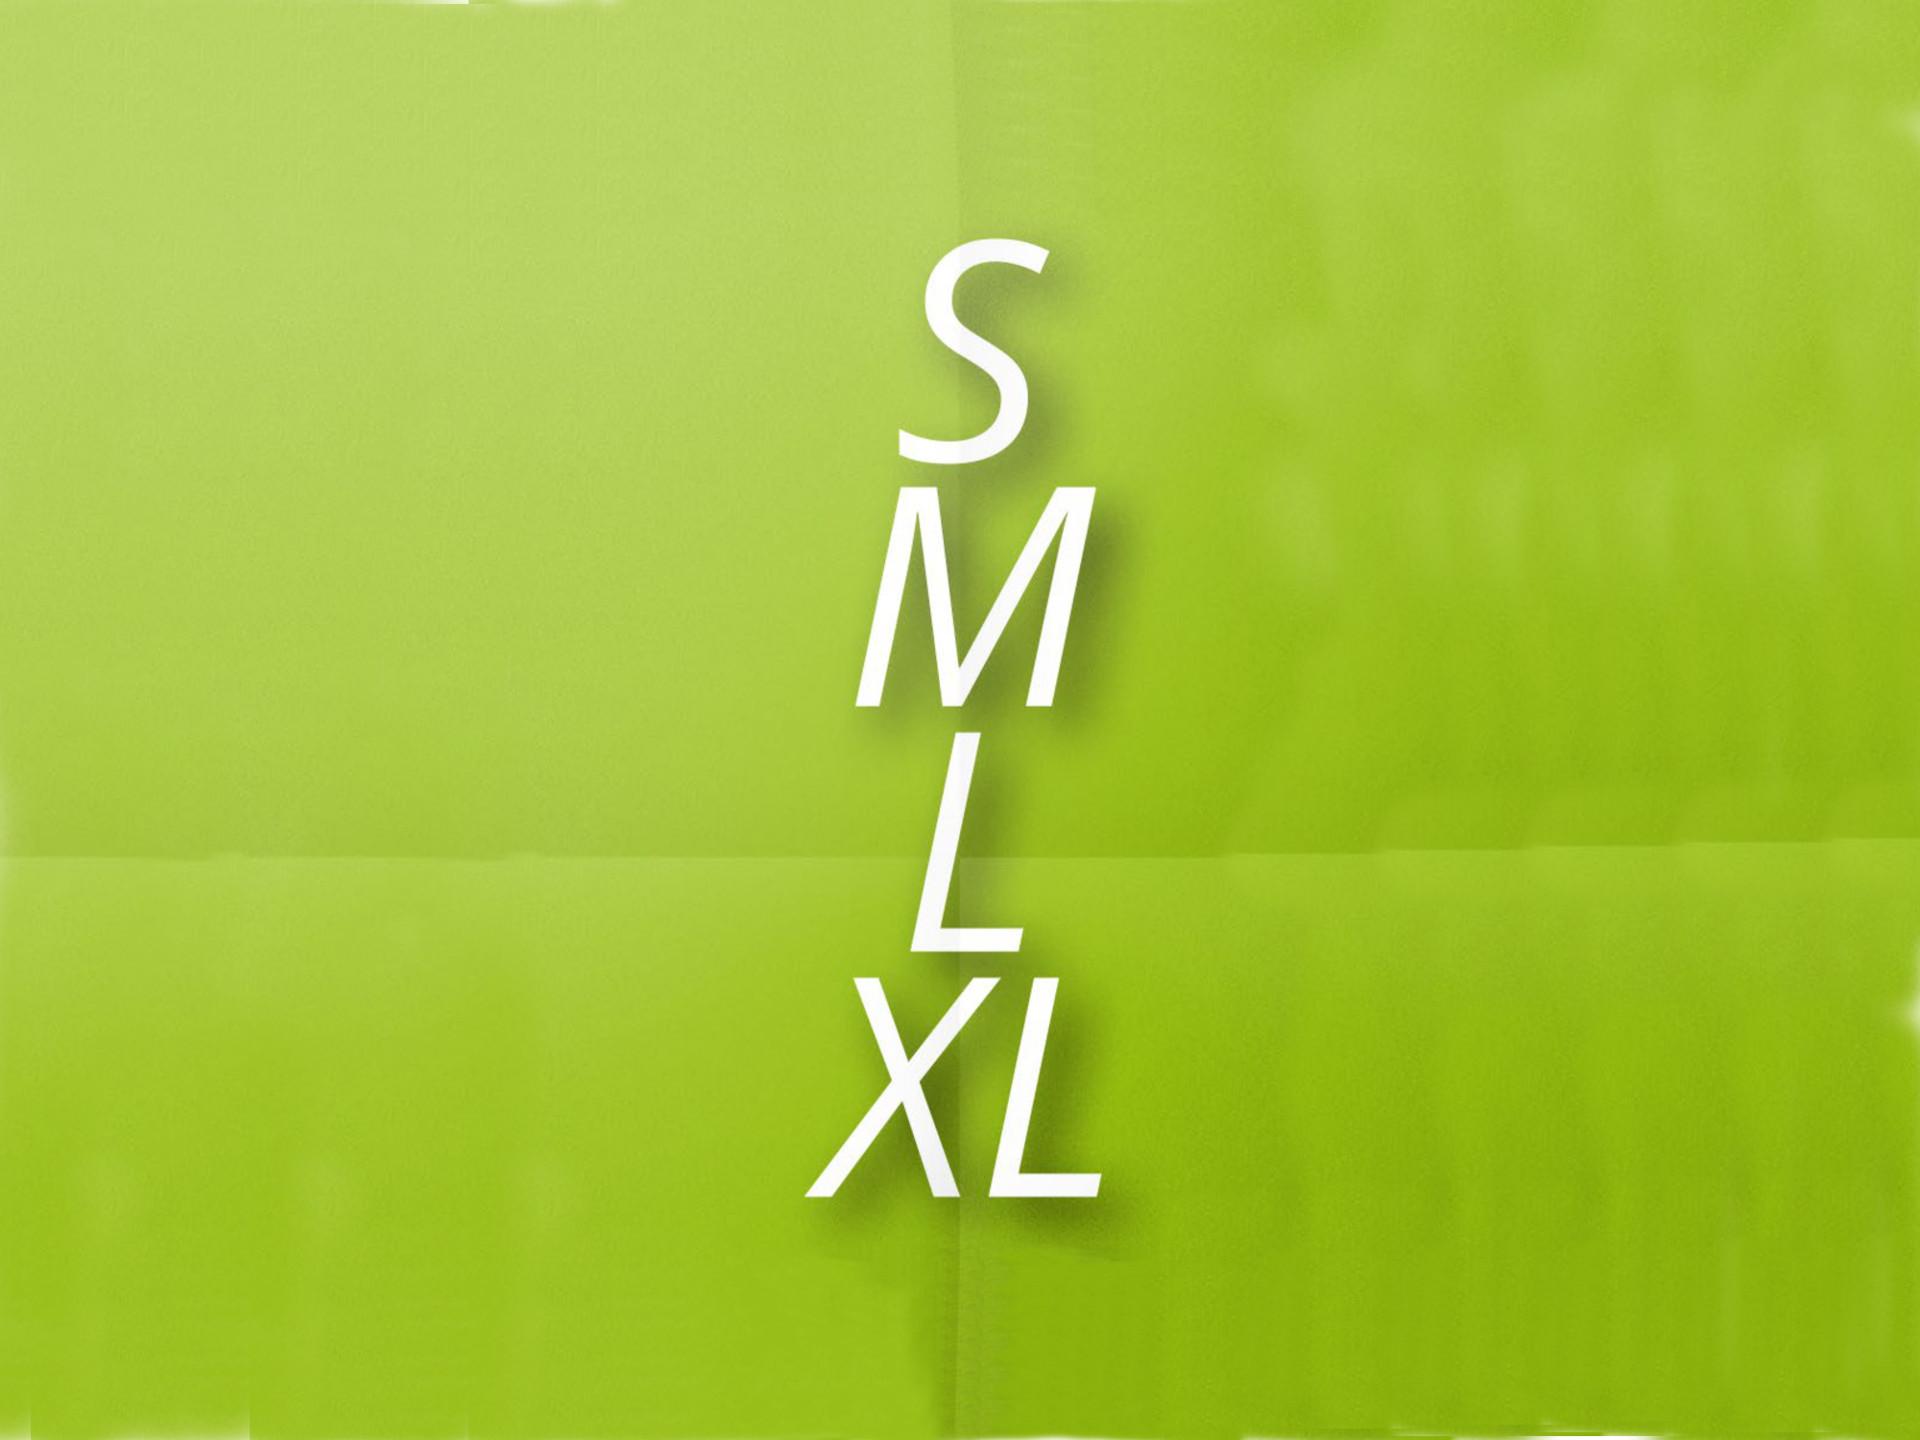 Fotohintergrund: s-m-l-xl